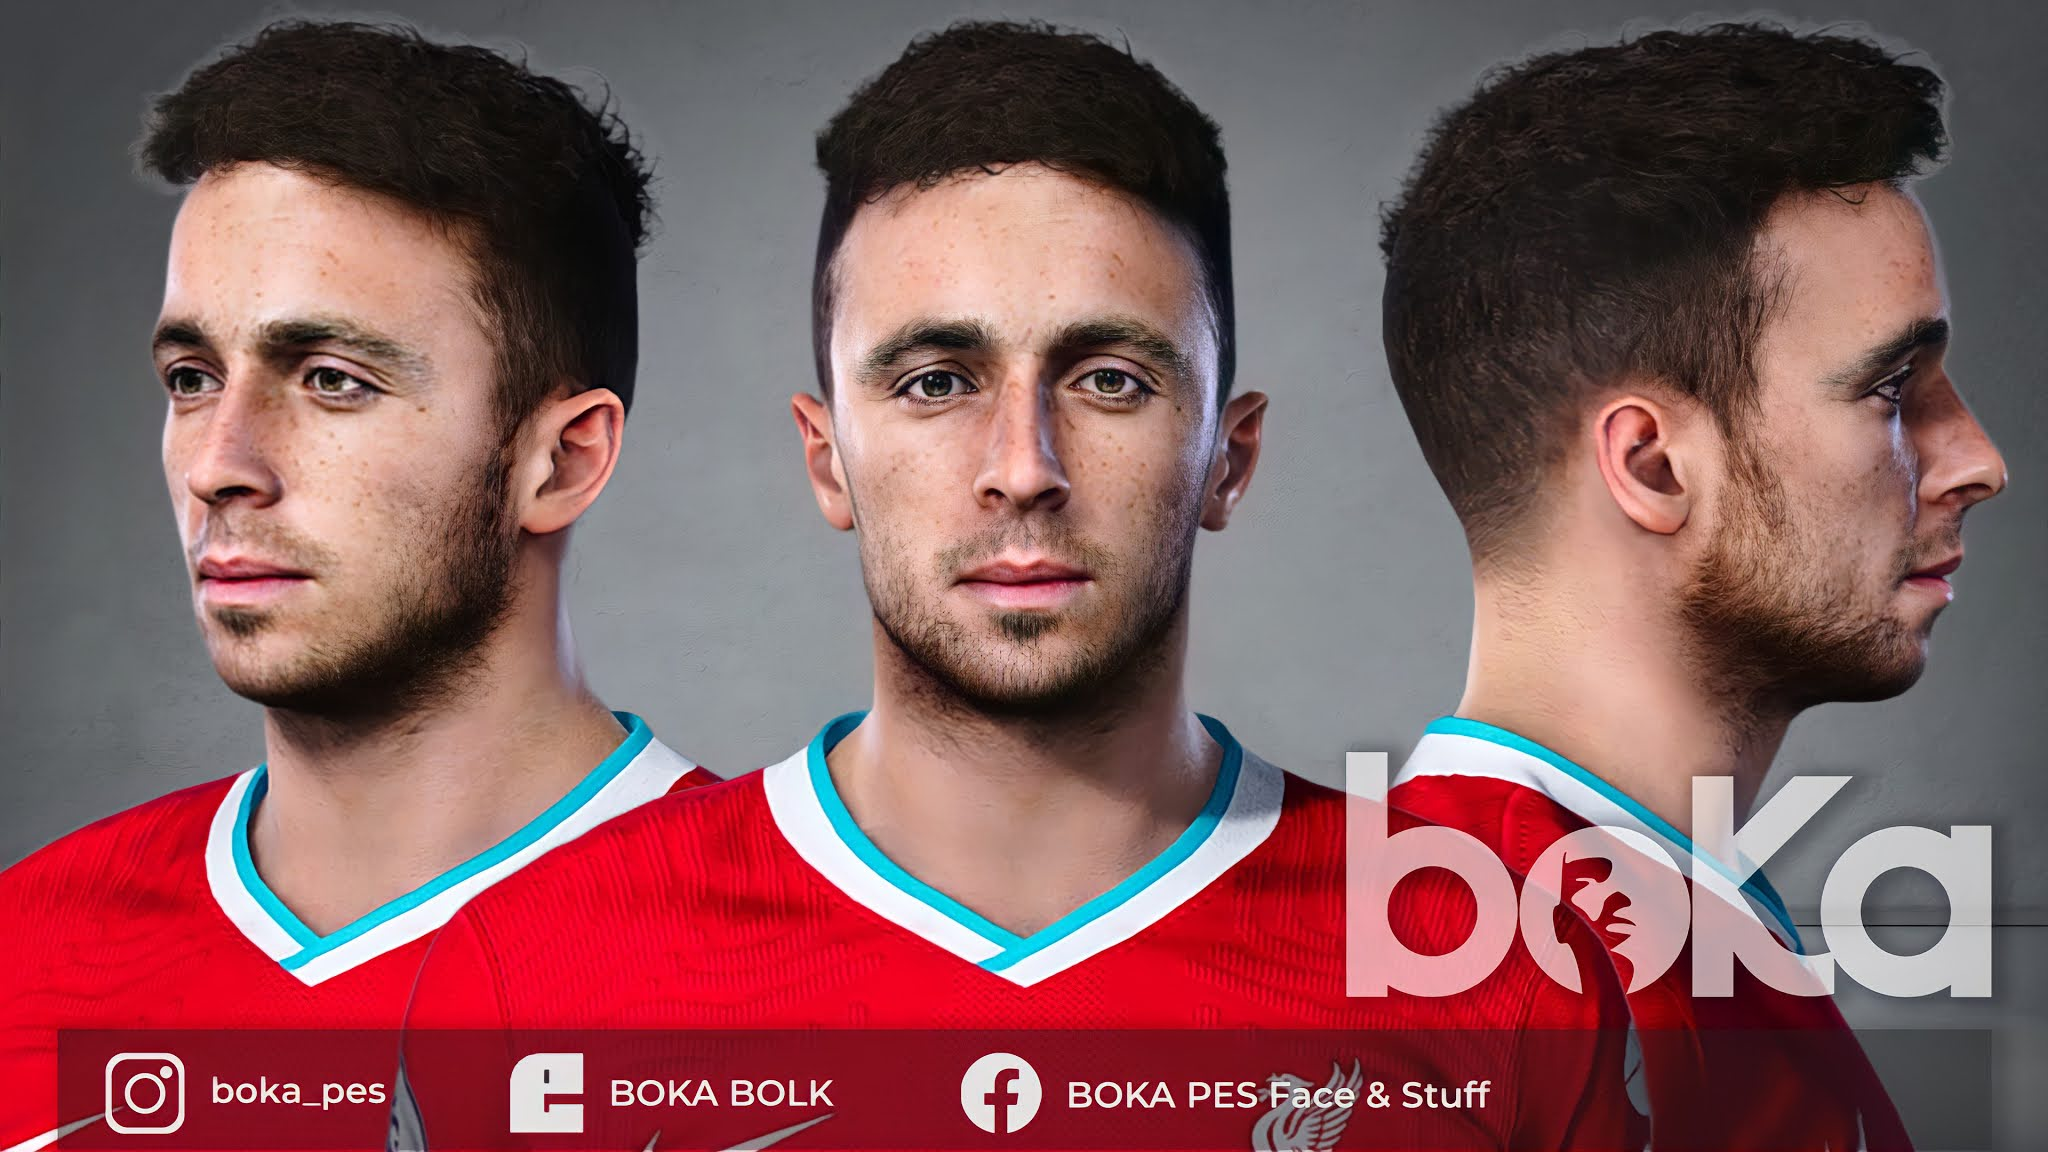 PES 2021 Diogo Jota Face by BOKA